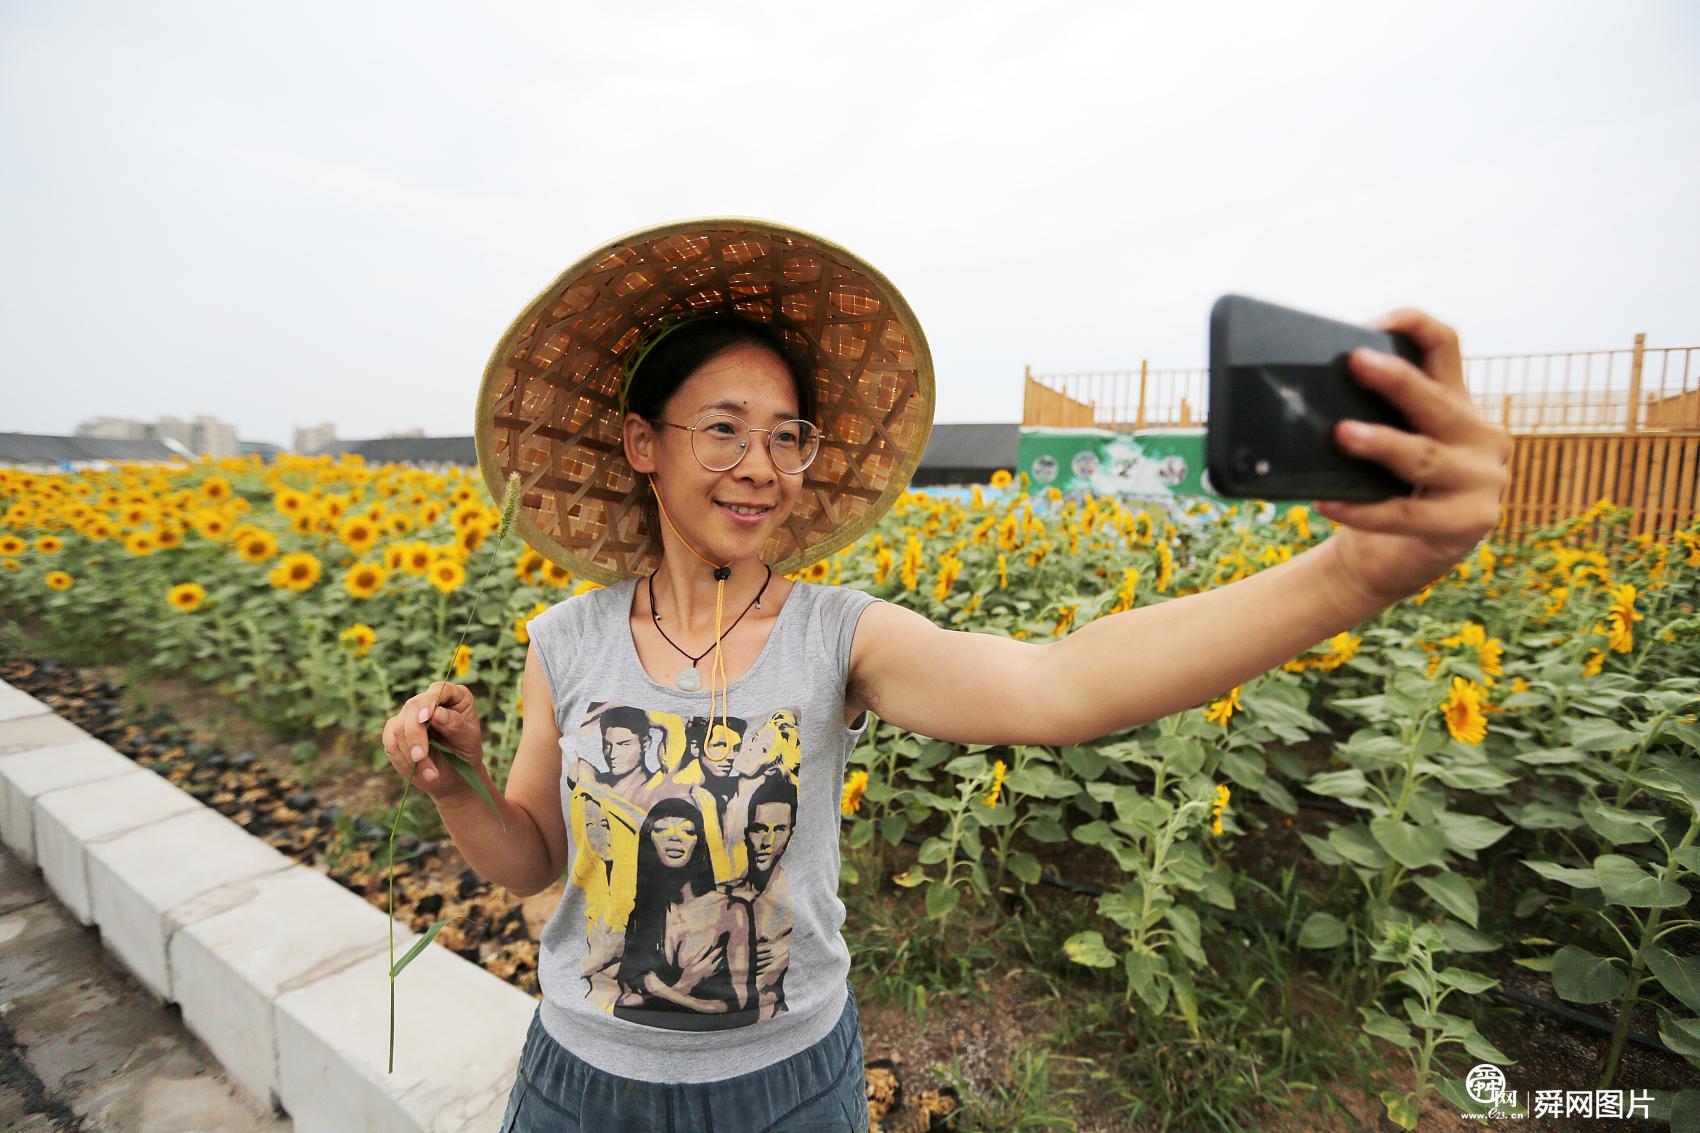 郑州一商场楼顶现3000平方米向日葵 养兔吃草引市民围观